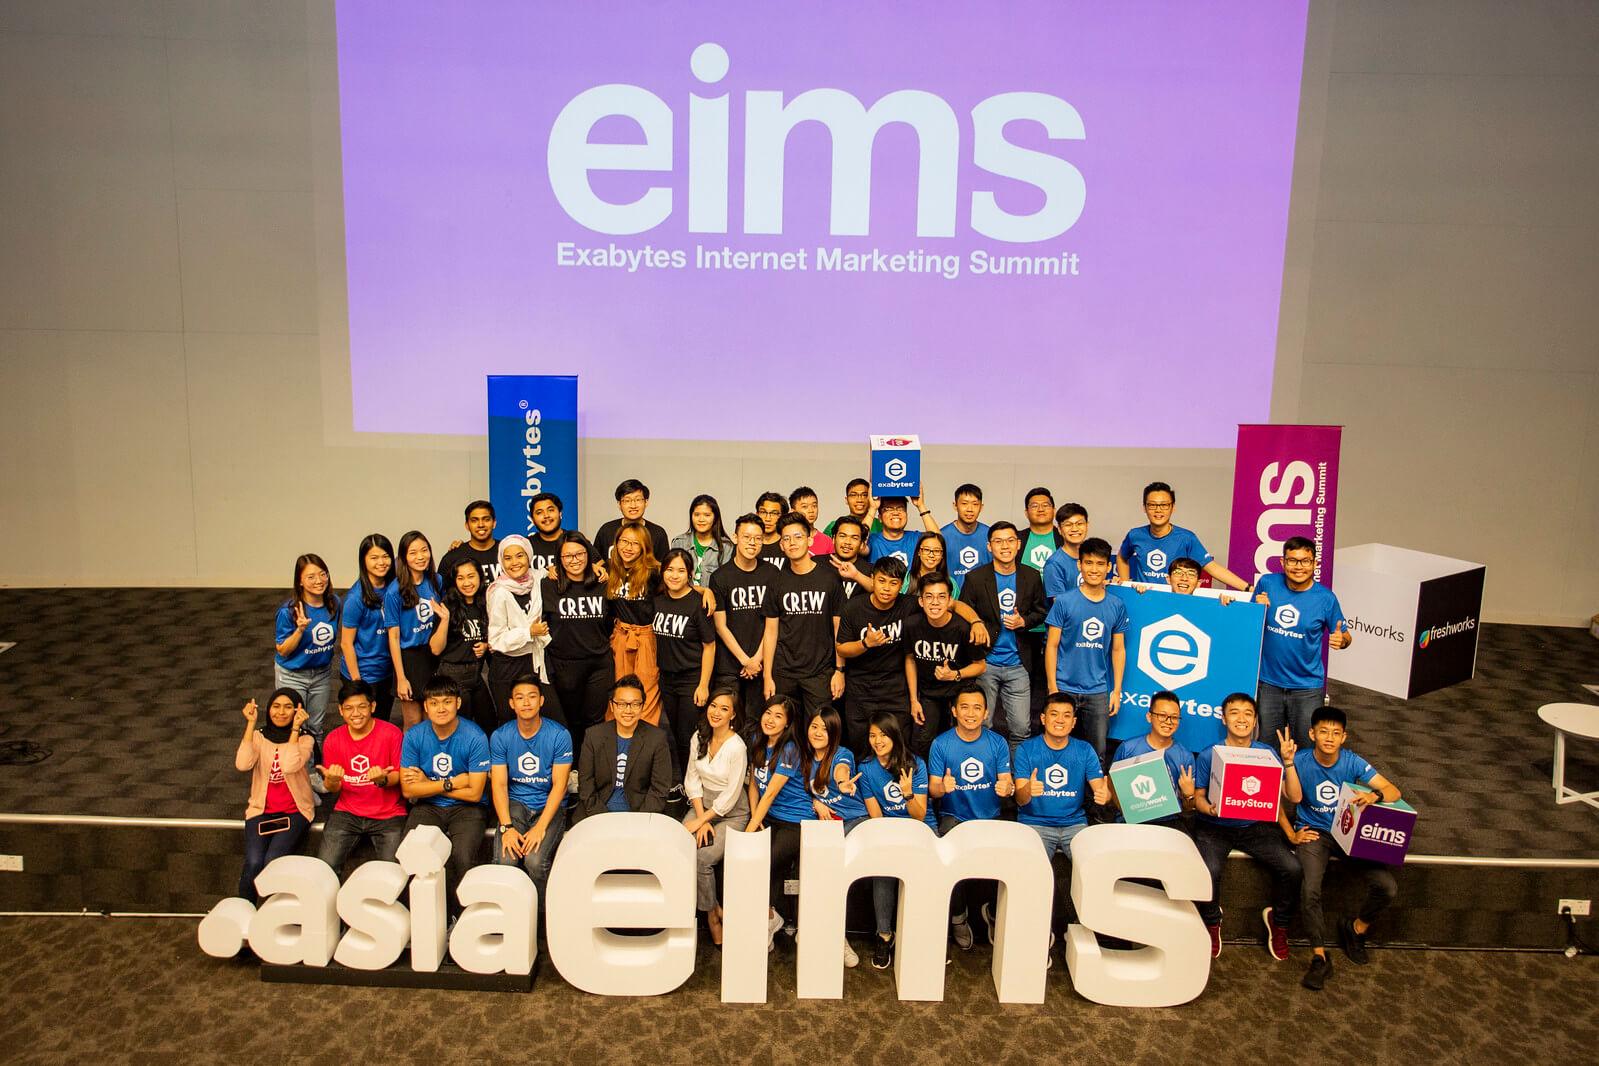 EIMS 2019 Exabytes